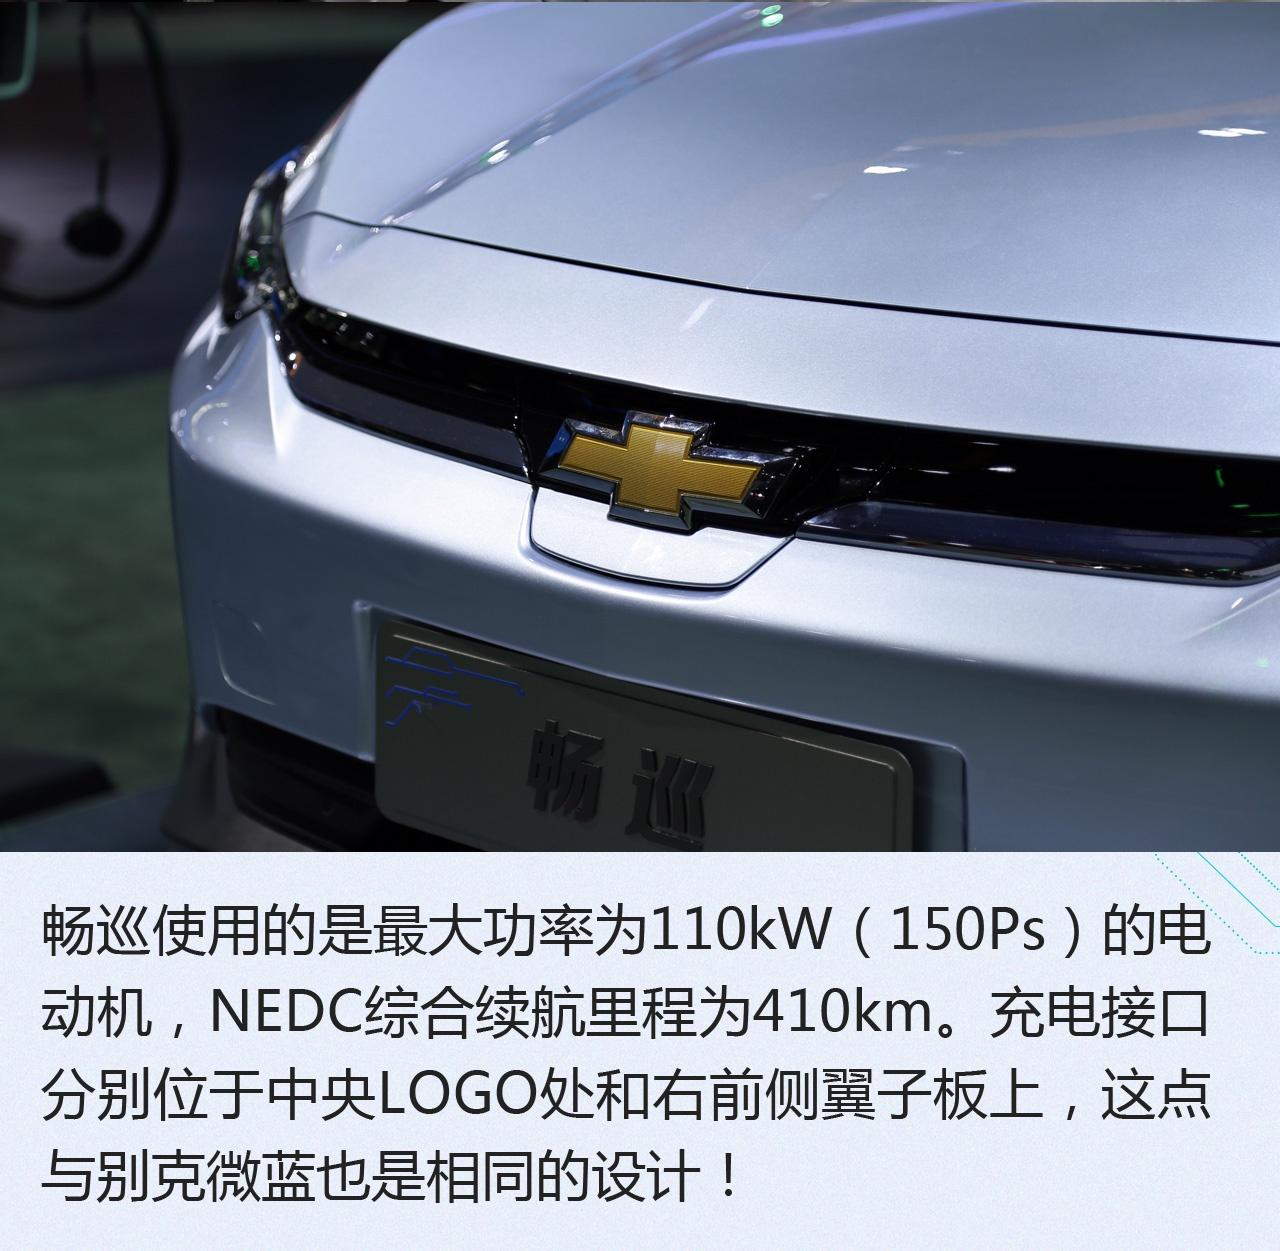 2019广州车展:续航410km 雪佛兰畅巡解析